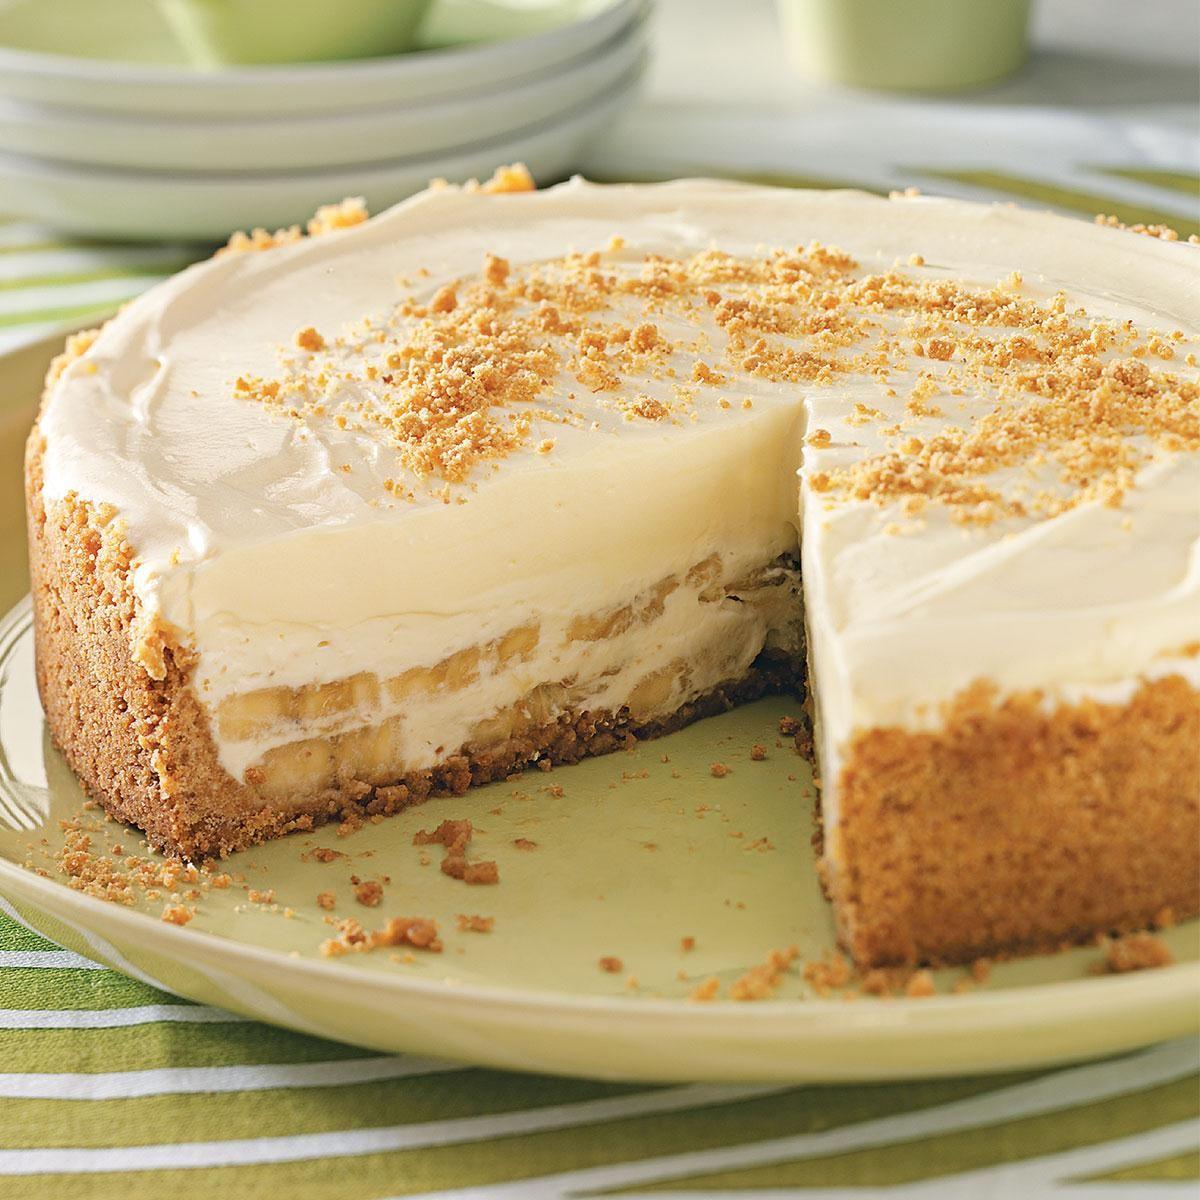 Banana cream cheesecake recipe banana cream cheesecake